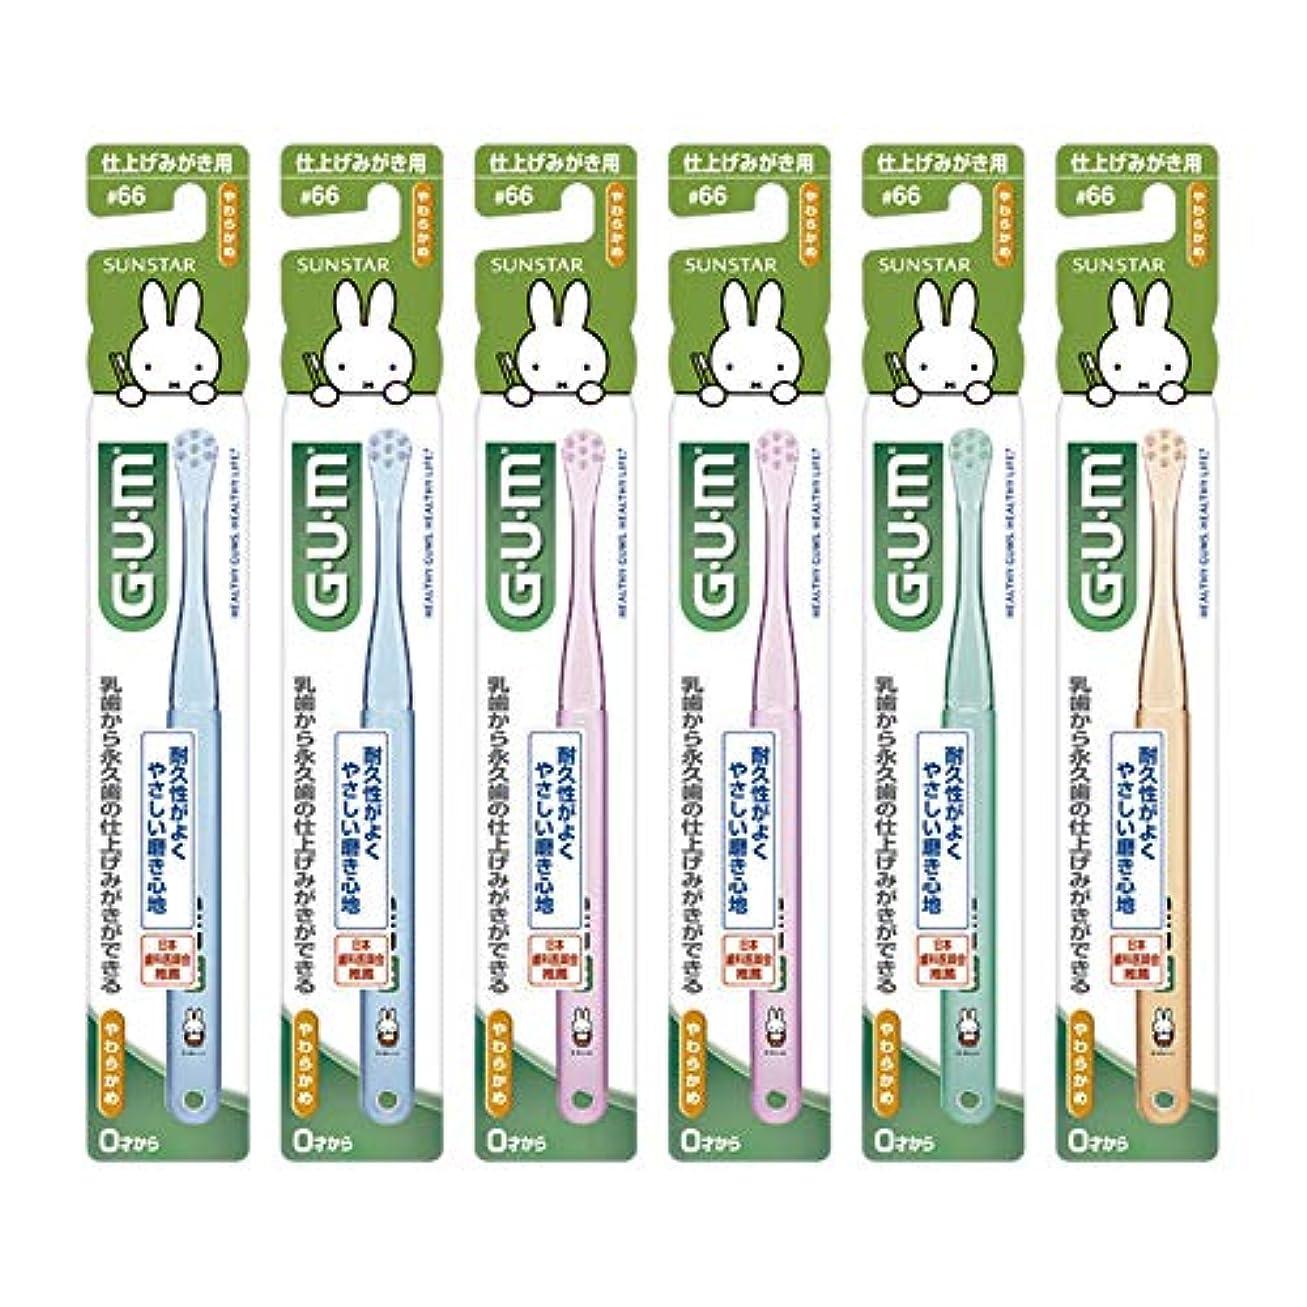 食用送料覚醒GUM(ガム) デンタル こども 歯ブラシ #66 [仕上げみがき用/やわらかめ] 6本パック+ おまけつき【Amazon.co.jp限定】